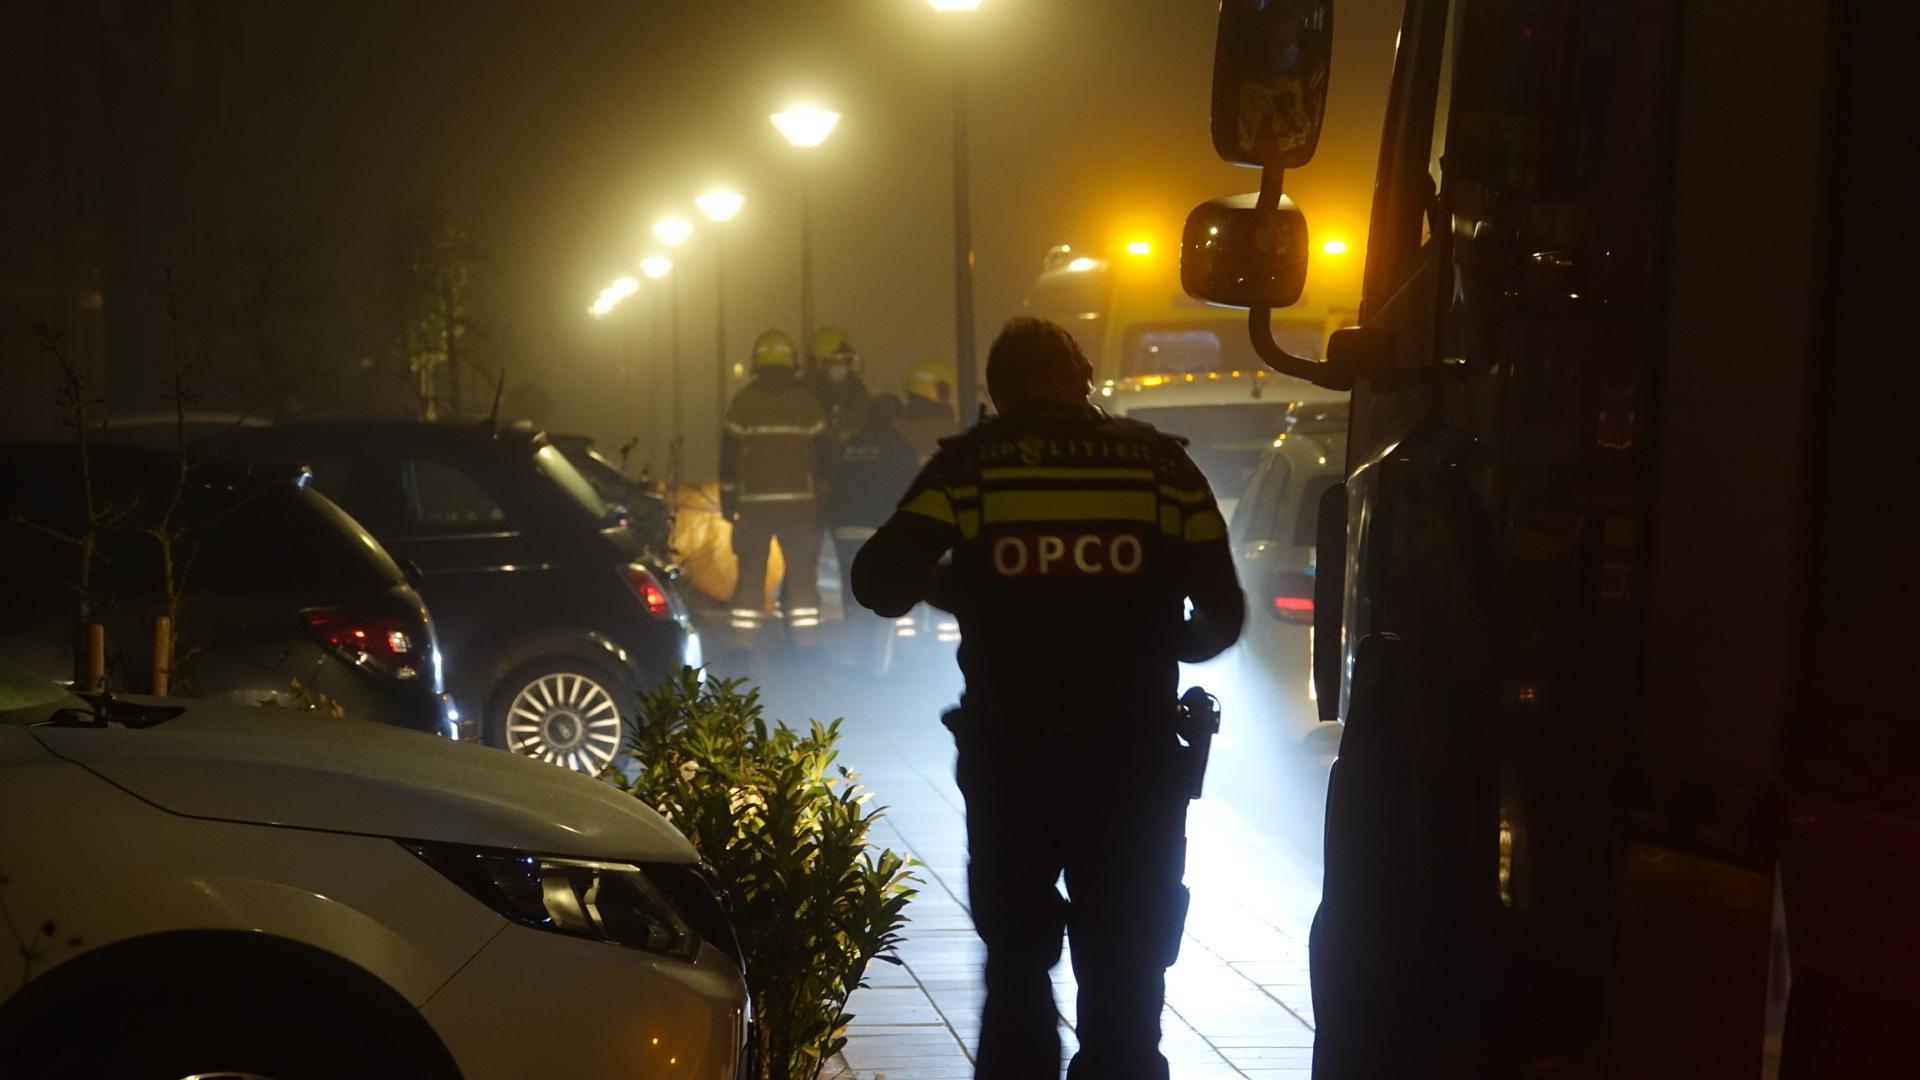 'Koolmonoxidevergiftiging' Zwaag was loos alarm